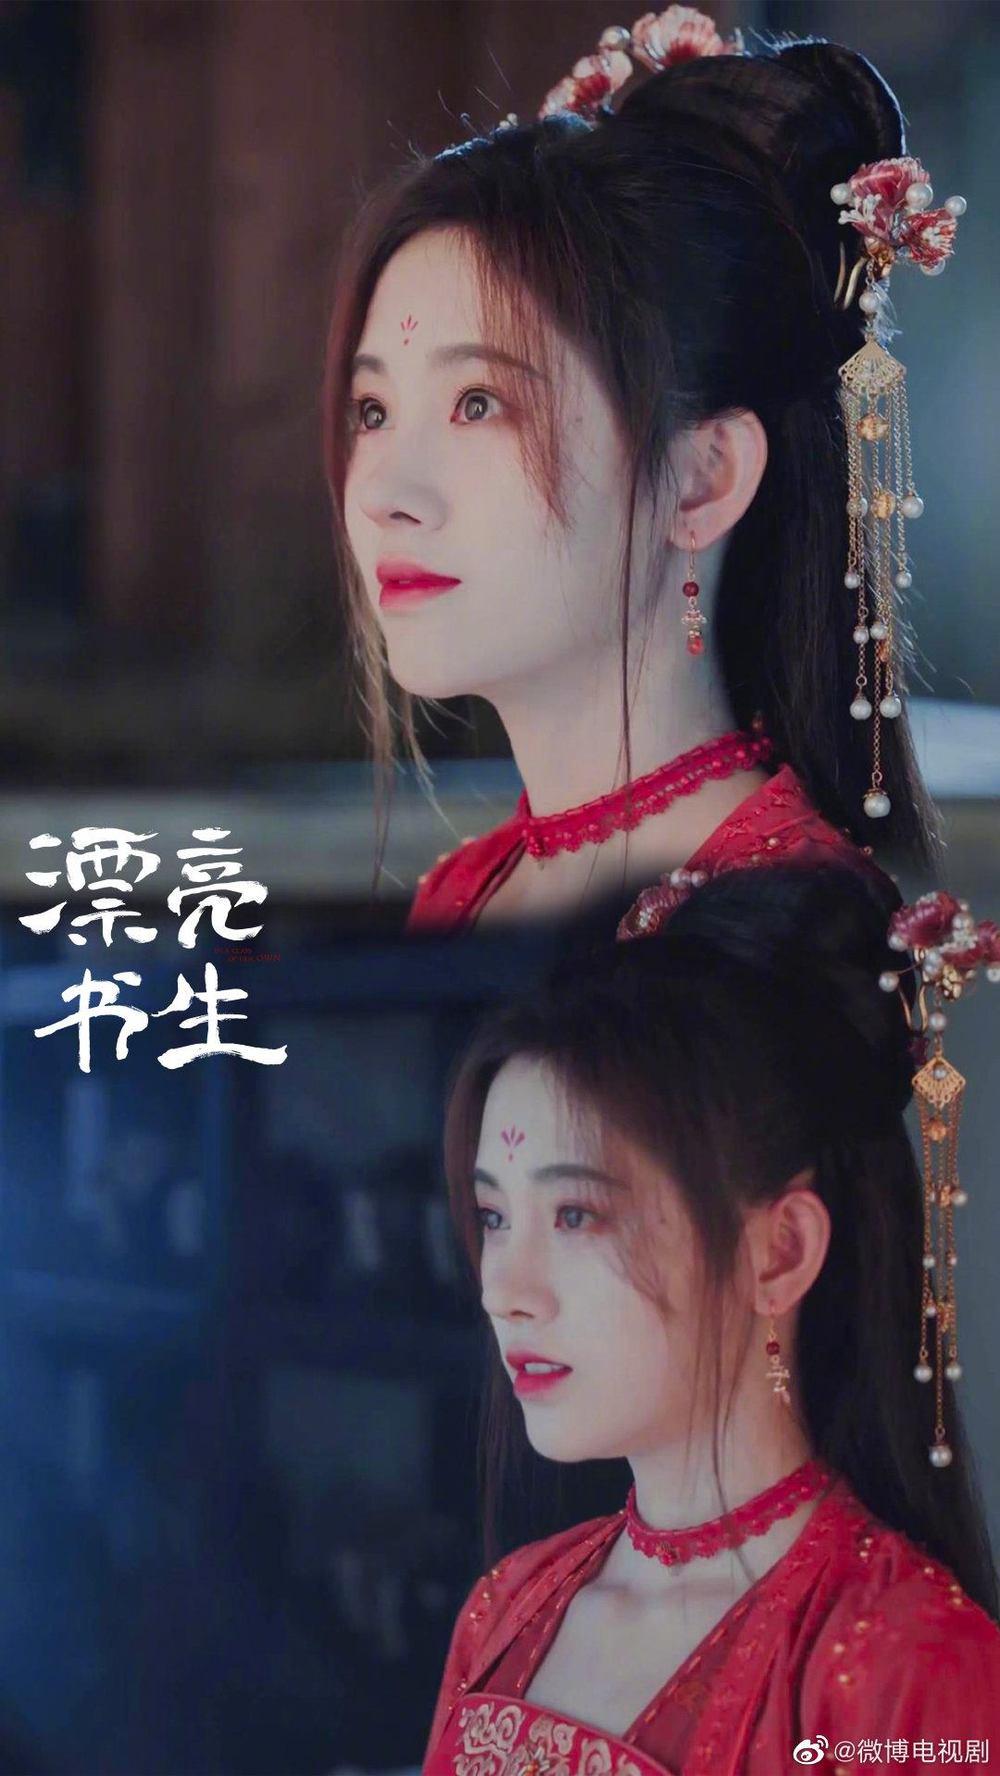 """Văn Hi xinh đẹp như thế này thì bảo saoPhong Thừa Tuấn cũng """"liêu xiêu"""" (Ảnh Weibo)"""